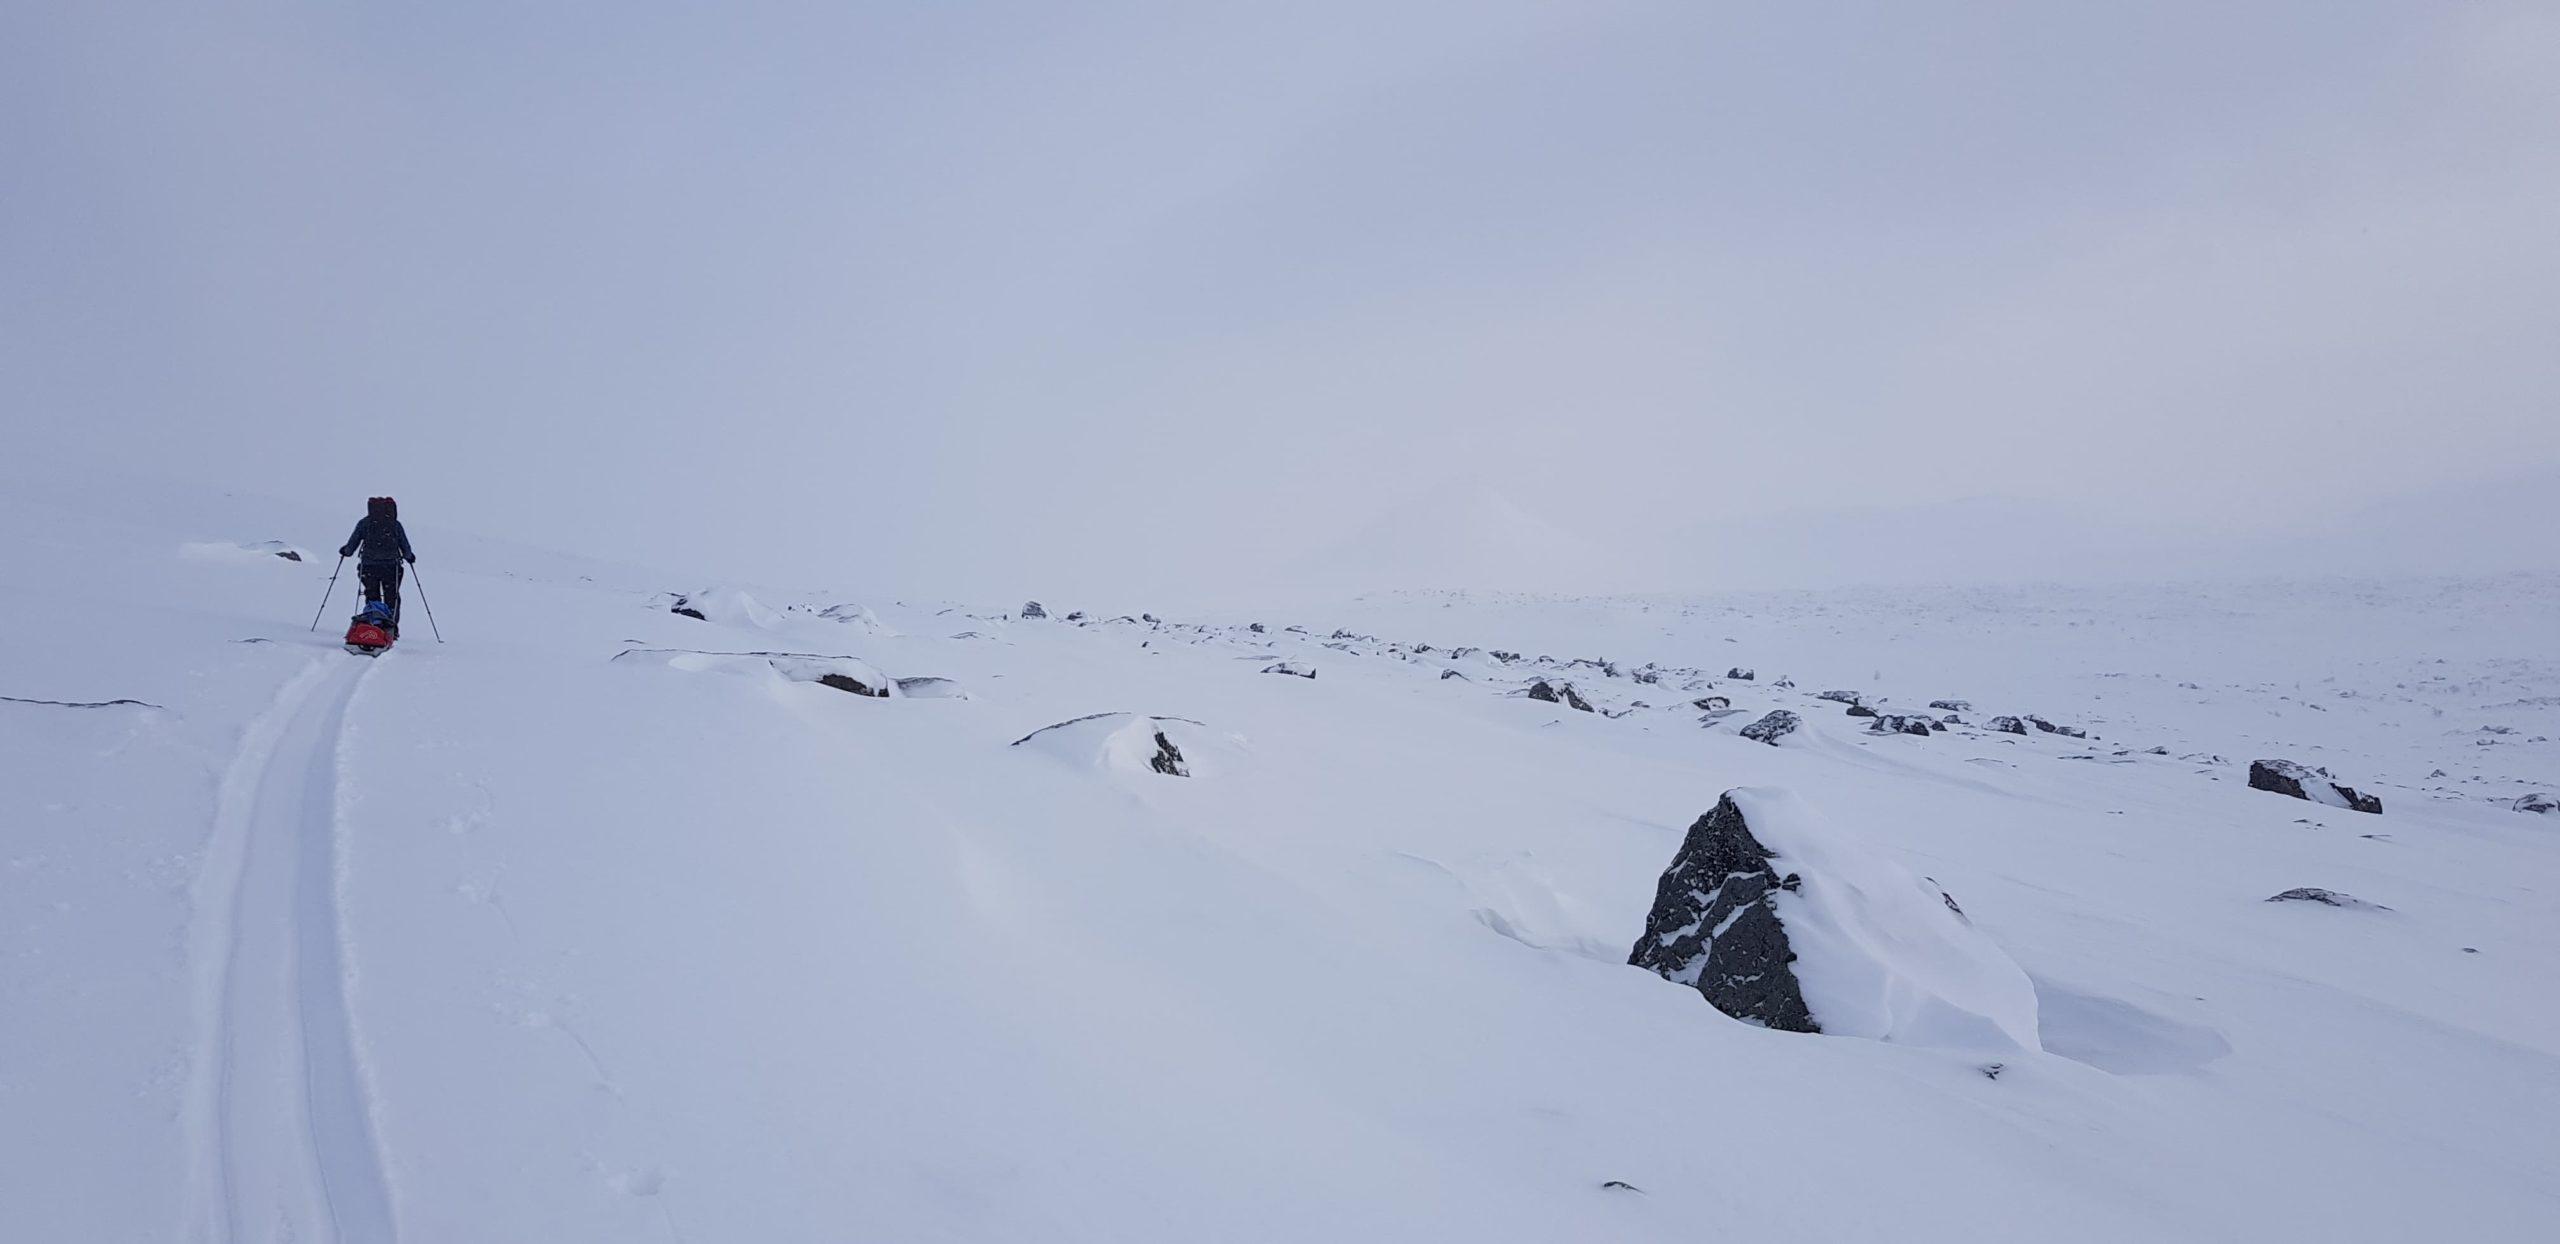 Skiing out from Sarek towards Saltoluokta